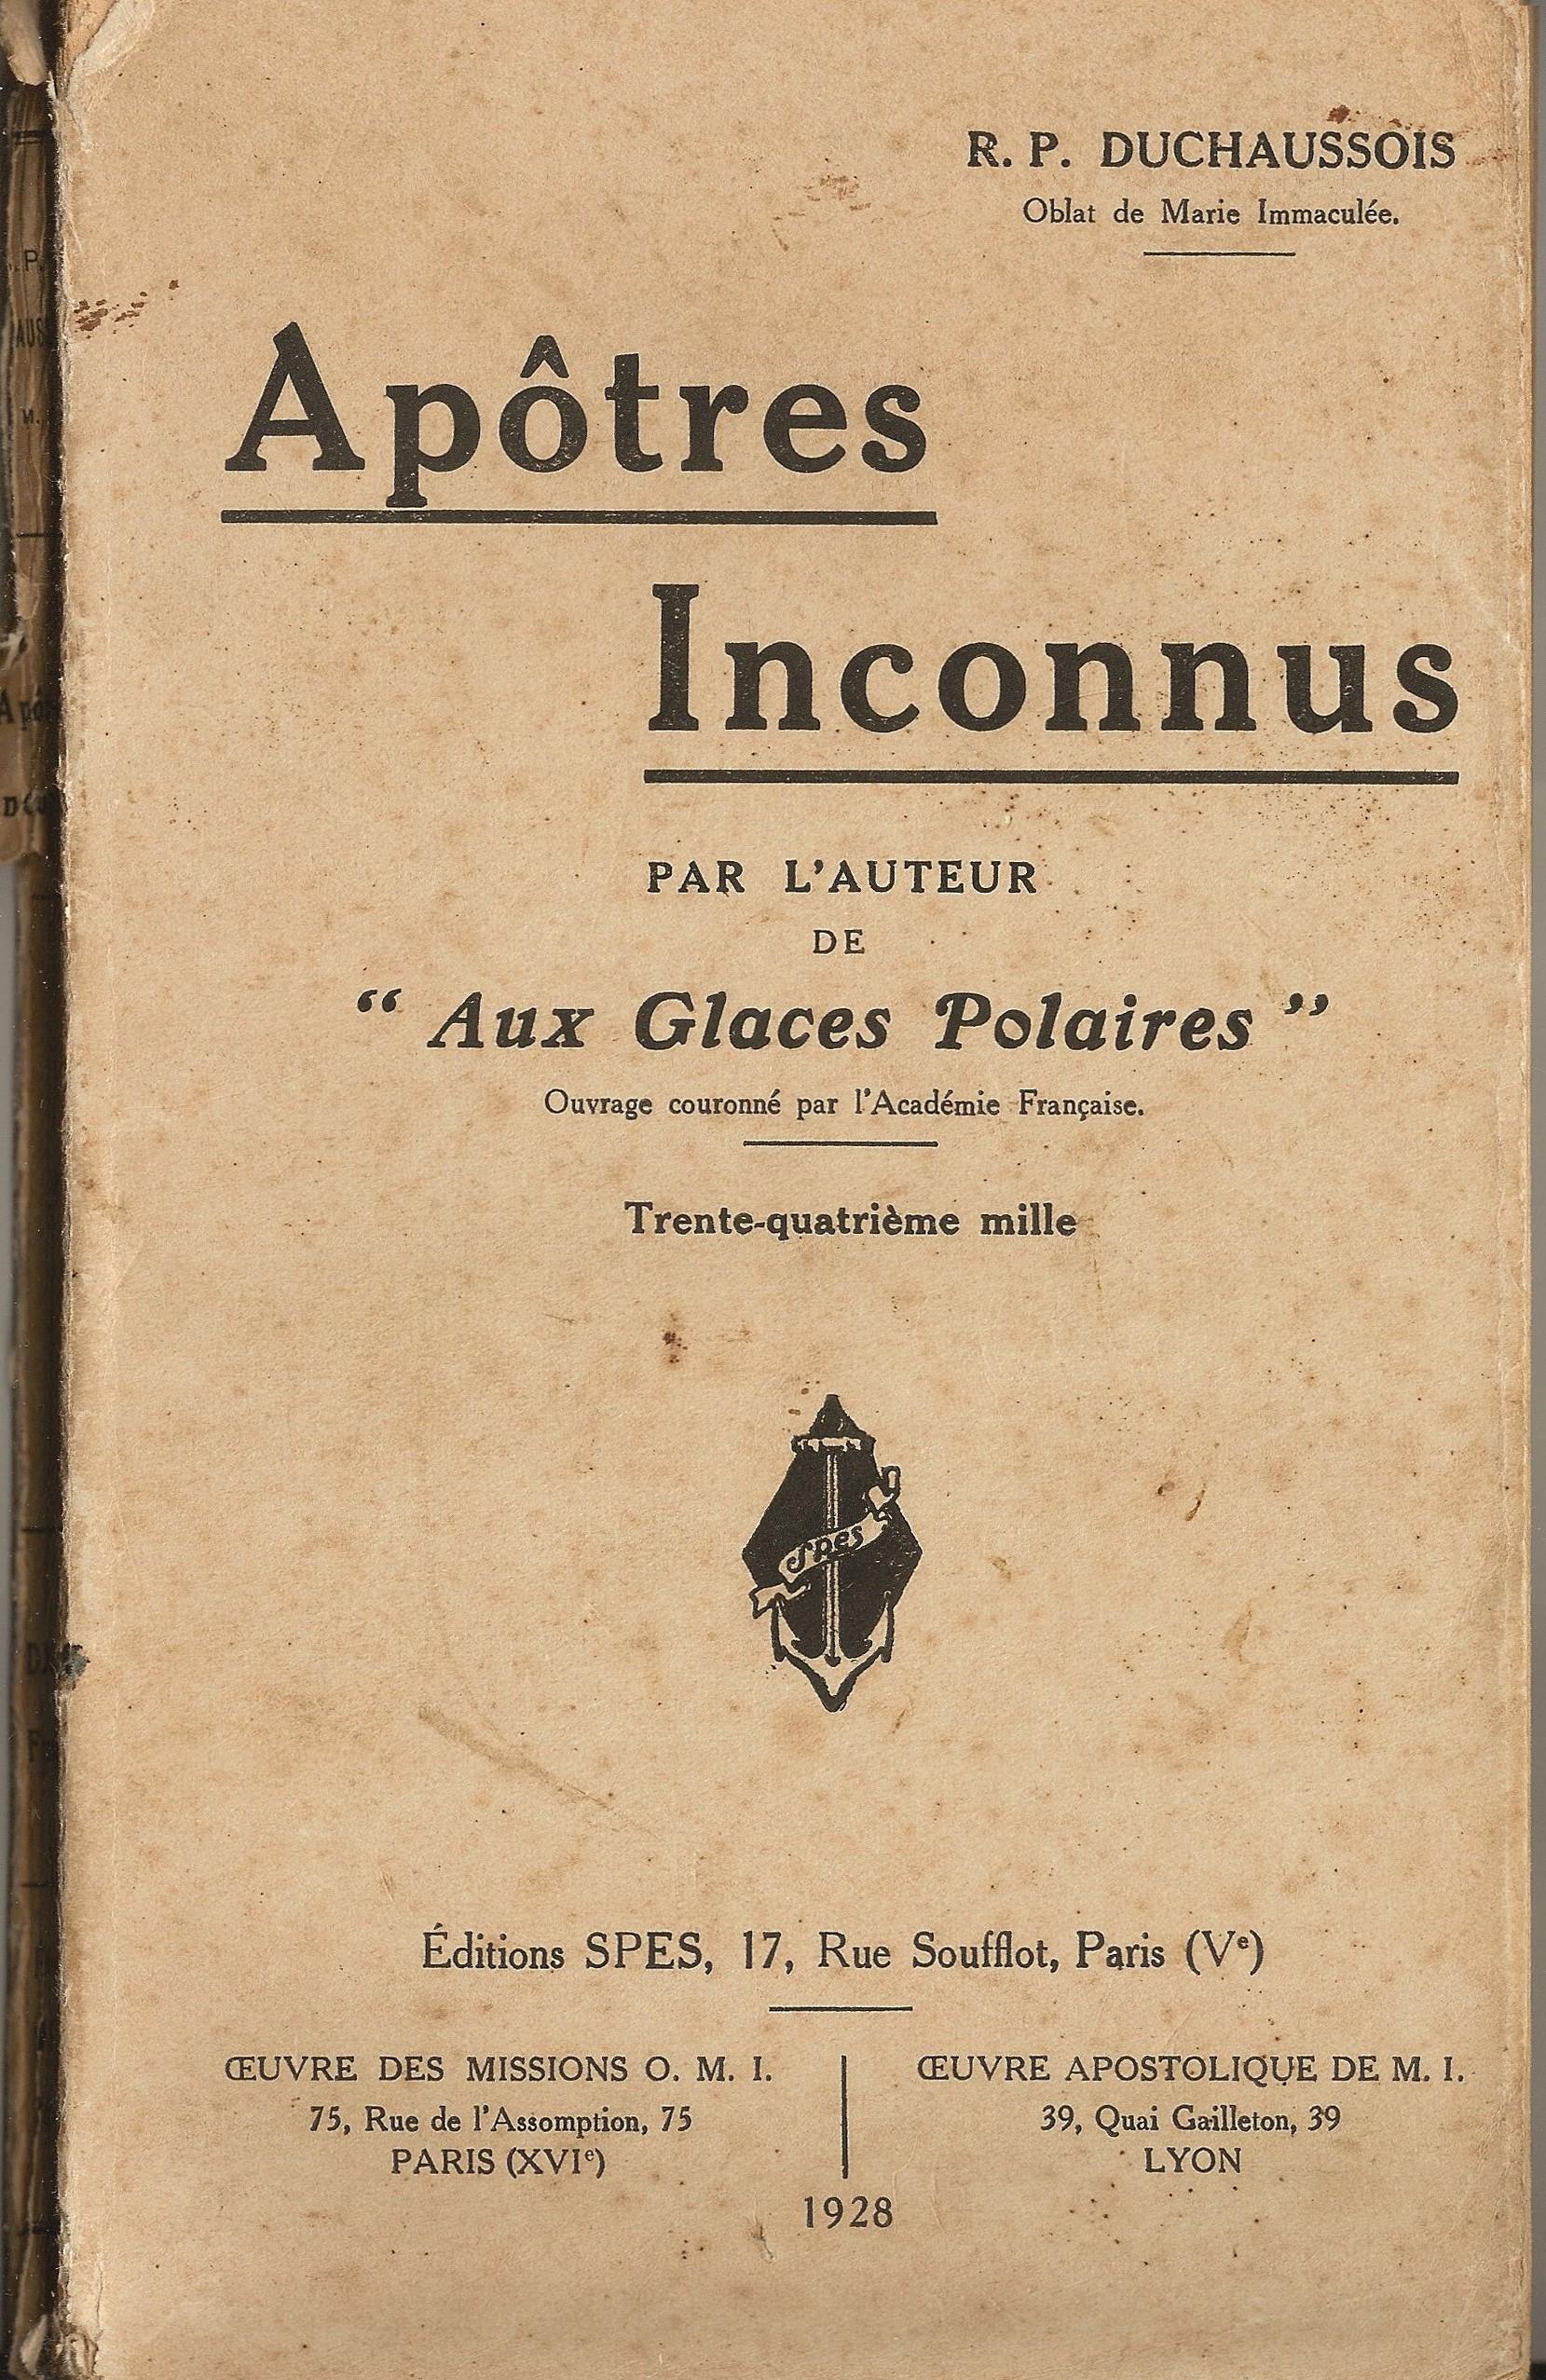 Paroles de Vie - Page 8 Ap-tres-inconnus-...ncs---1--5626d65